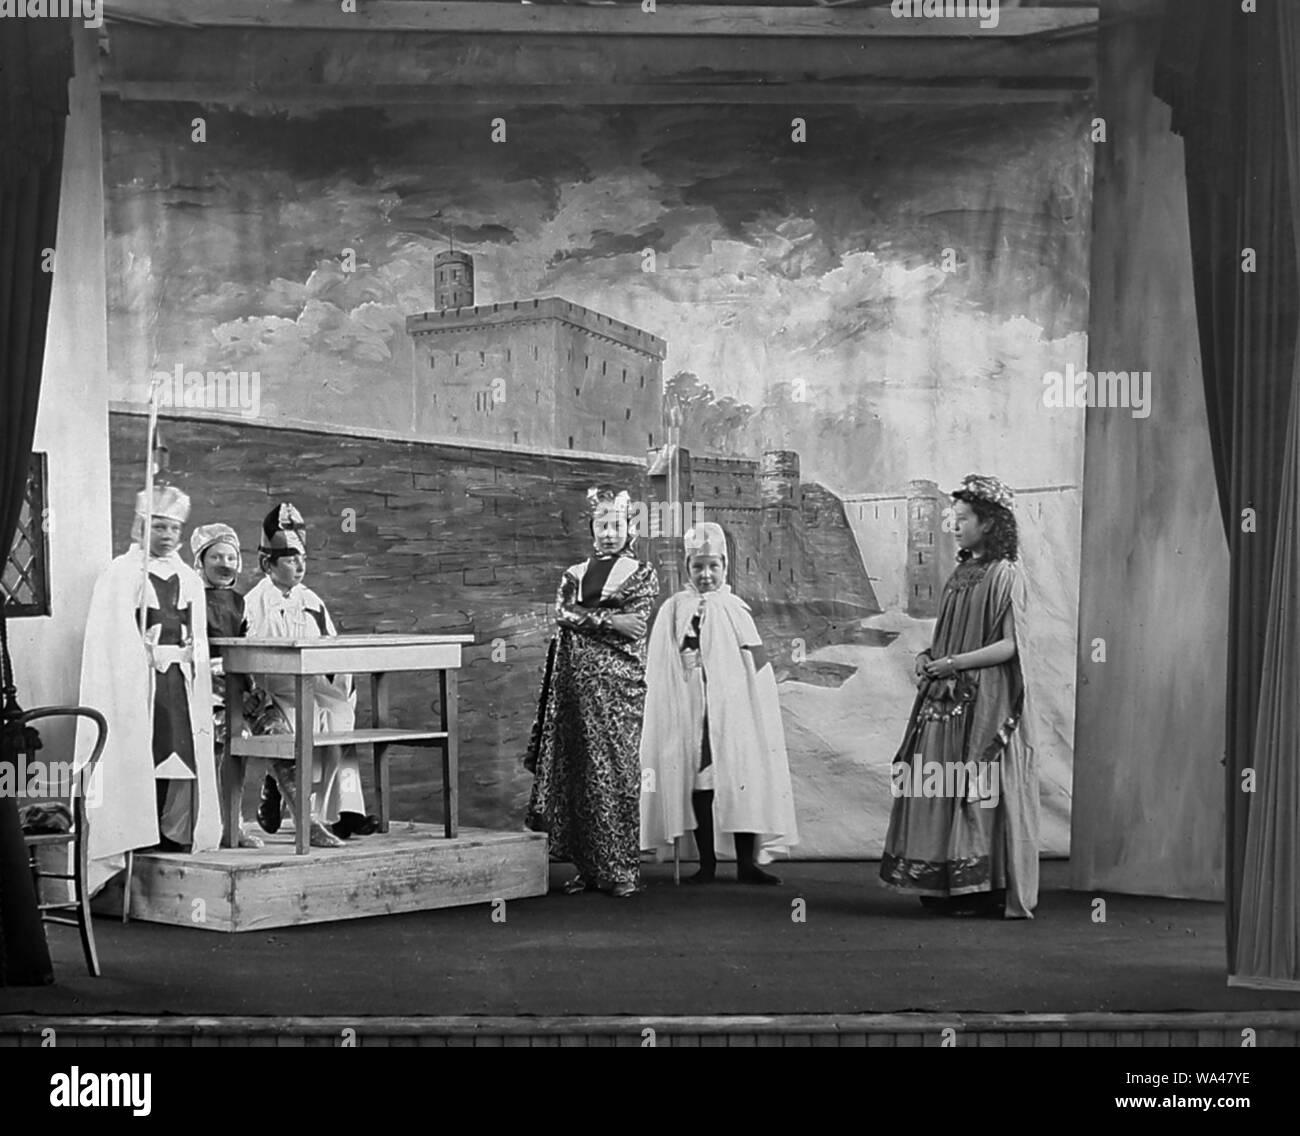 Una producción amateur de Ivanhoe en un country house party en Haddo House, Escocia, en 1892 Foto de stock